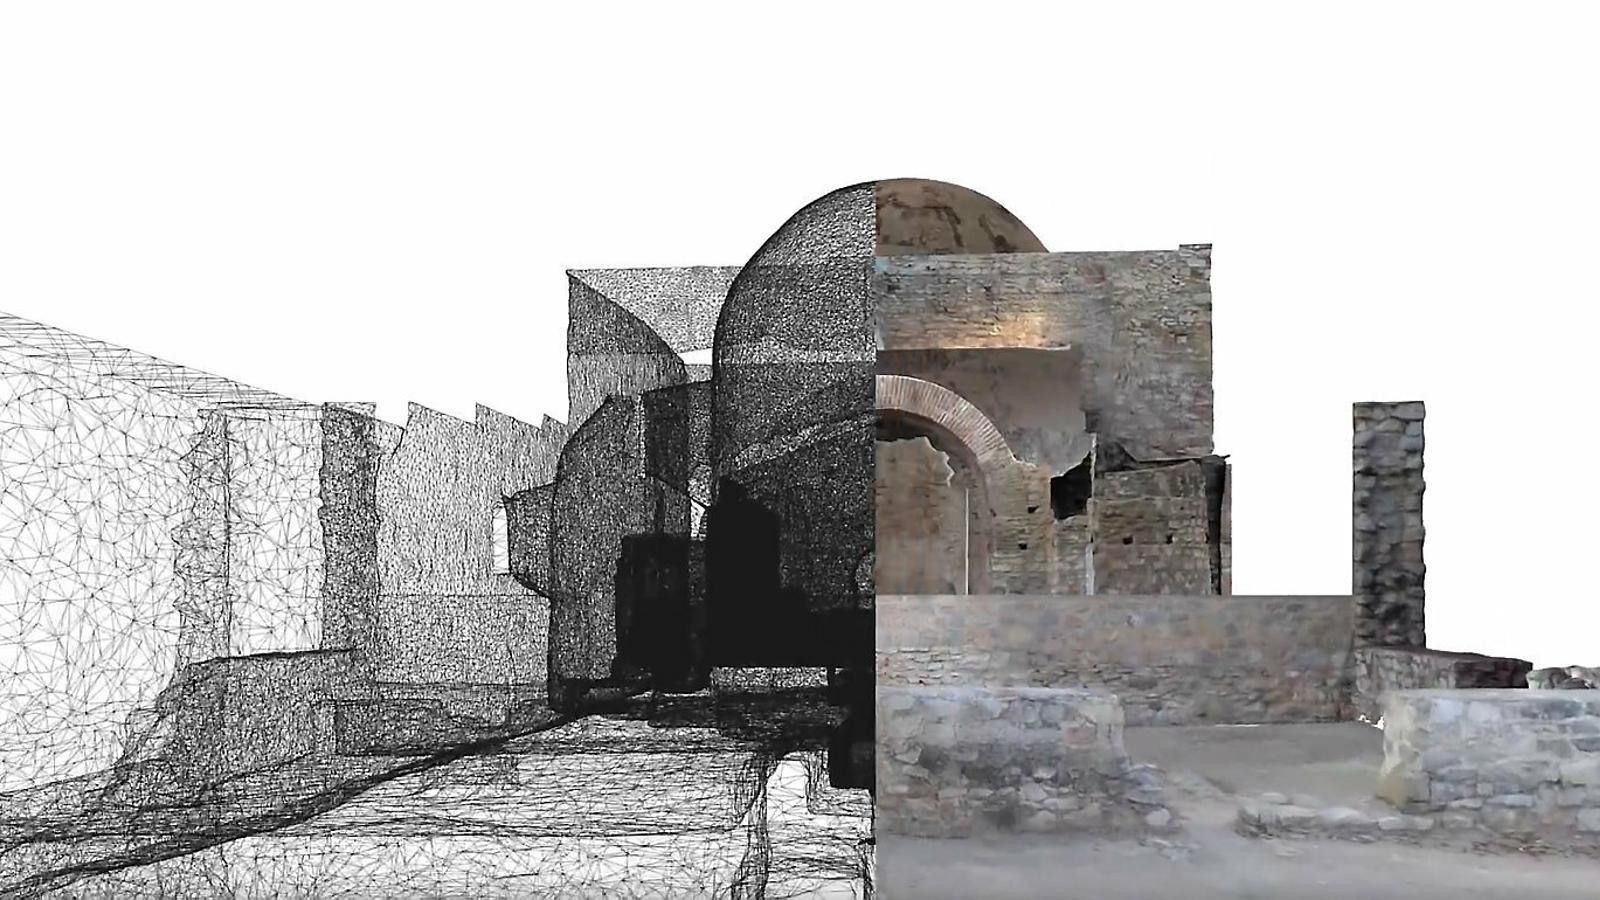 Restauracions 3D: Ullastret, Ripoll i Taüll, tres casos d'èxit a Catalunya